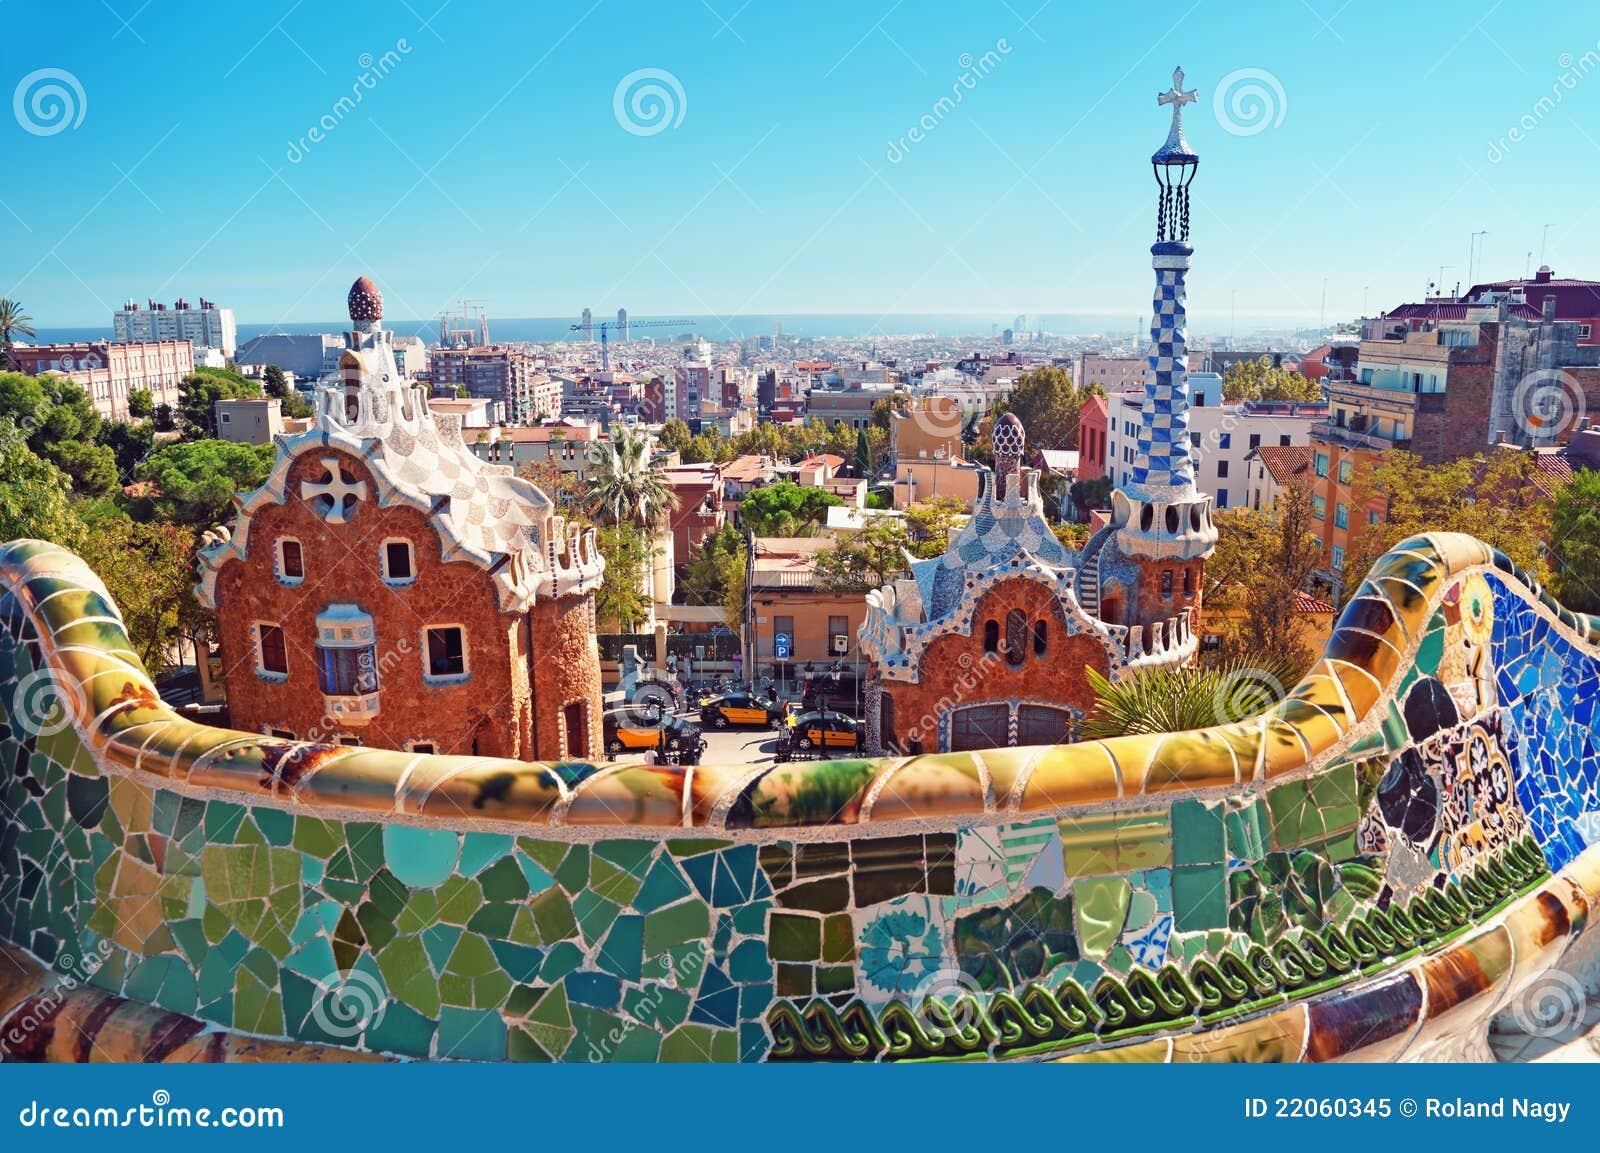 Barcelona guellpark spain